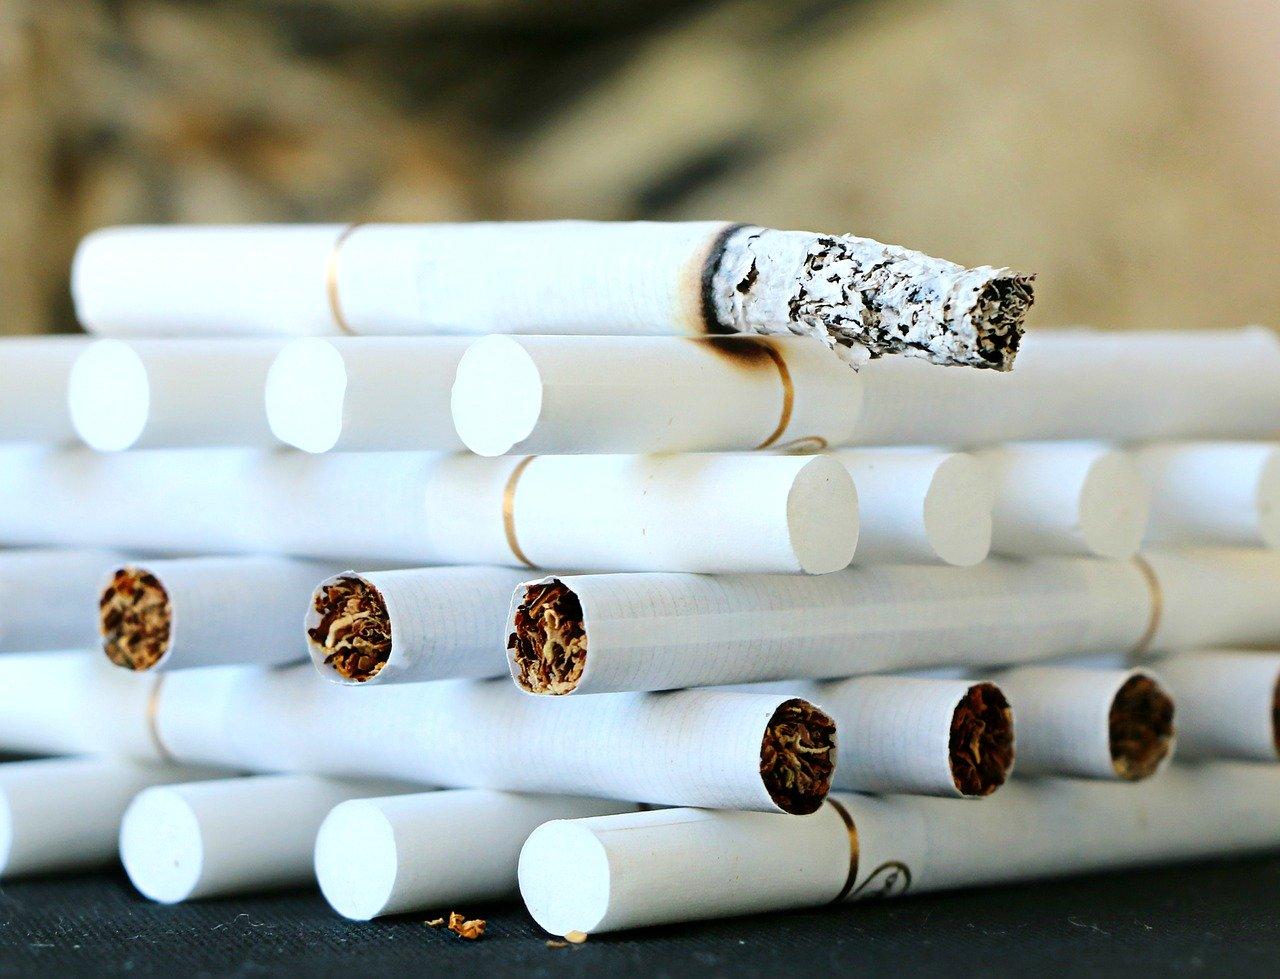 Od dzisiaj papierosy mentolowe znikają ze sklepów - Zdjęcie główne